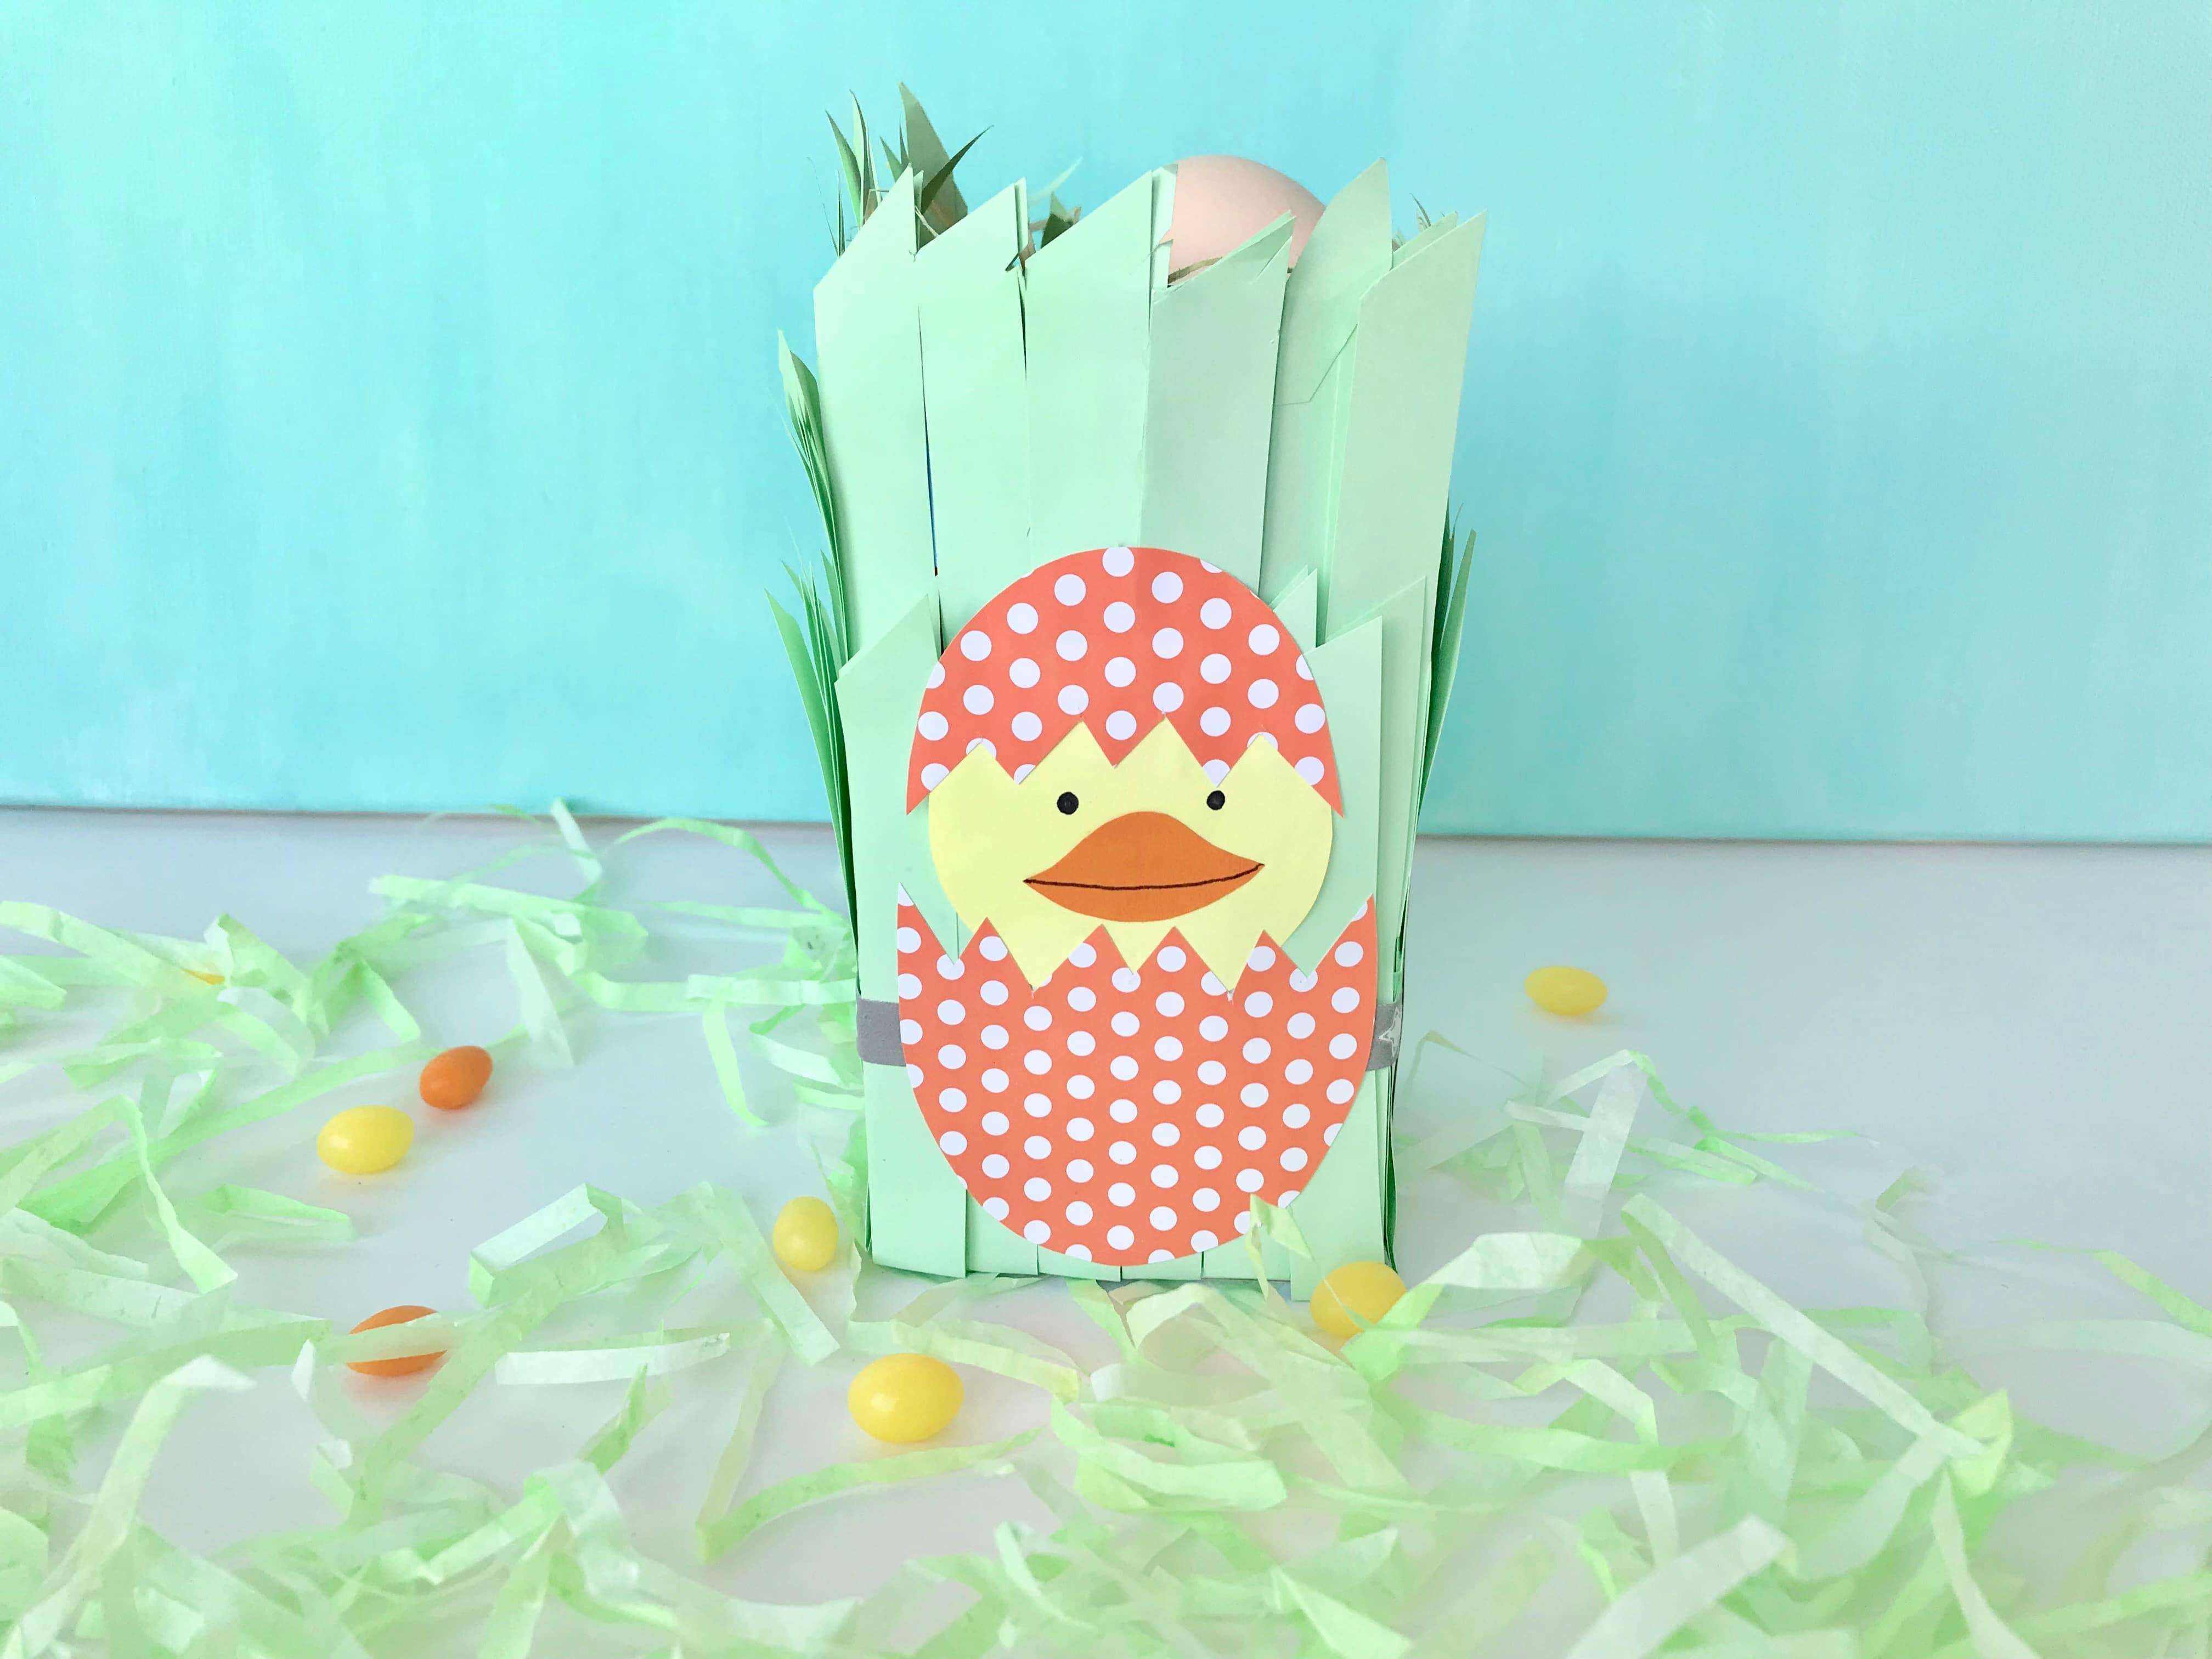 Osternest aus Tetrapak einfach basteln - kreative Geschenk Idee zu Ostern